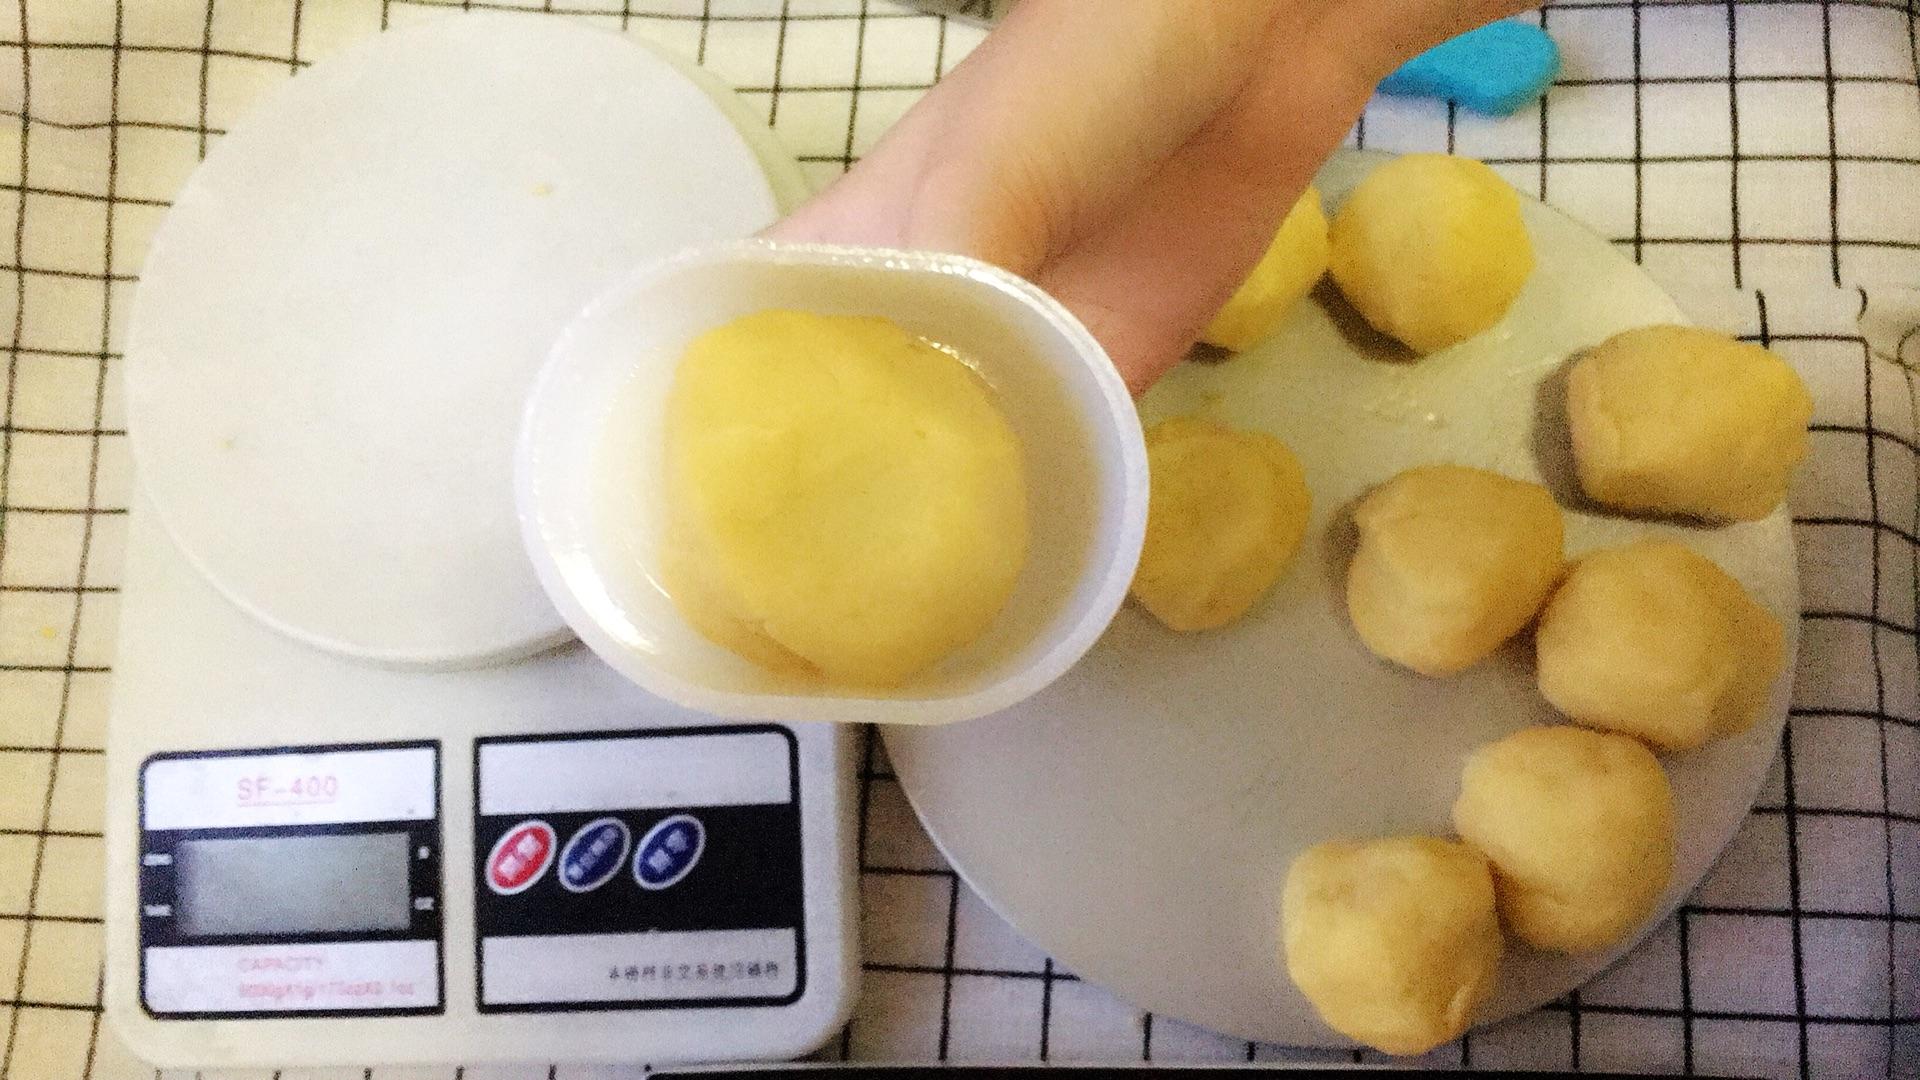 冰糕棒小制作小发明